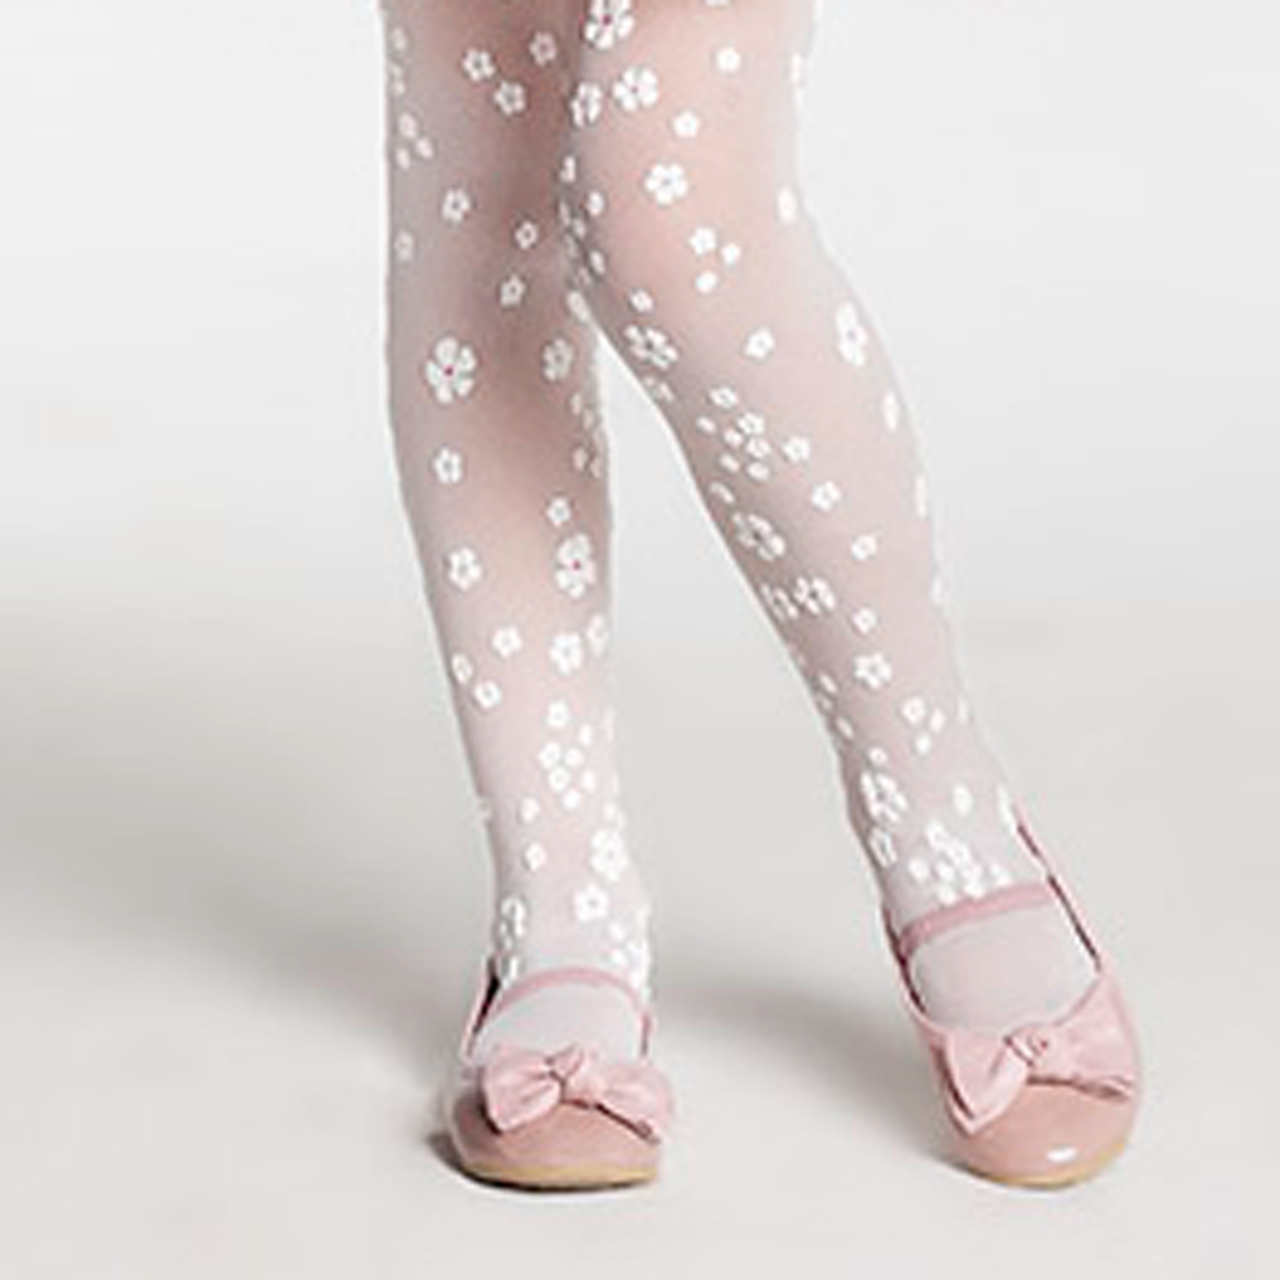 جوراب شلواری شیشه ای گلدار |